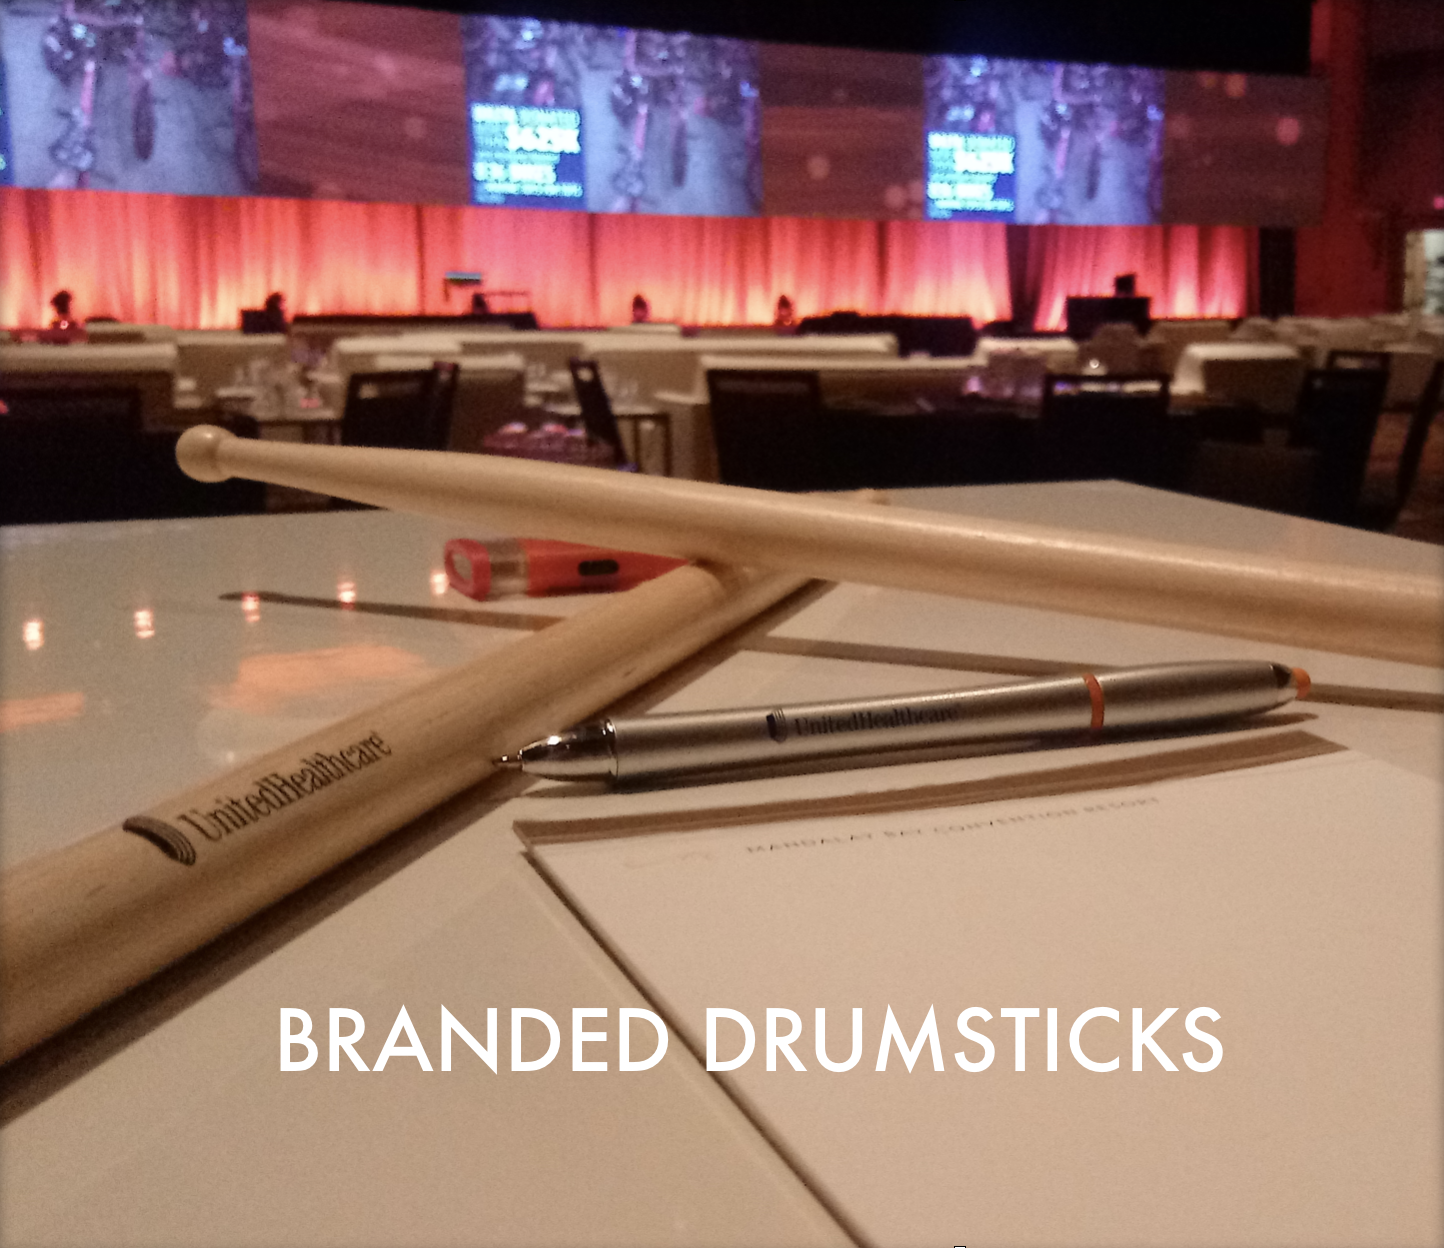 LED TCP Branded Drumsticks